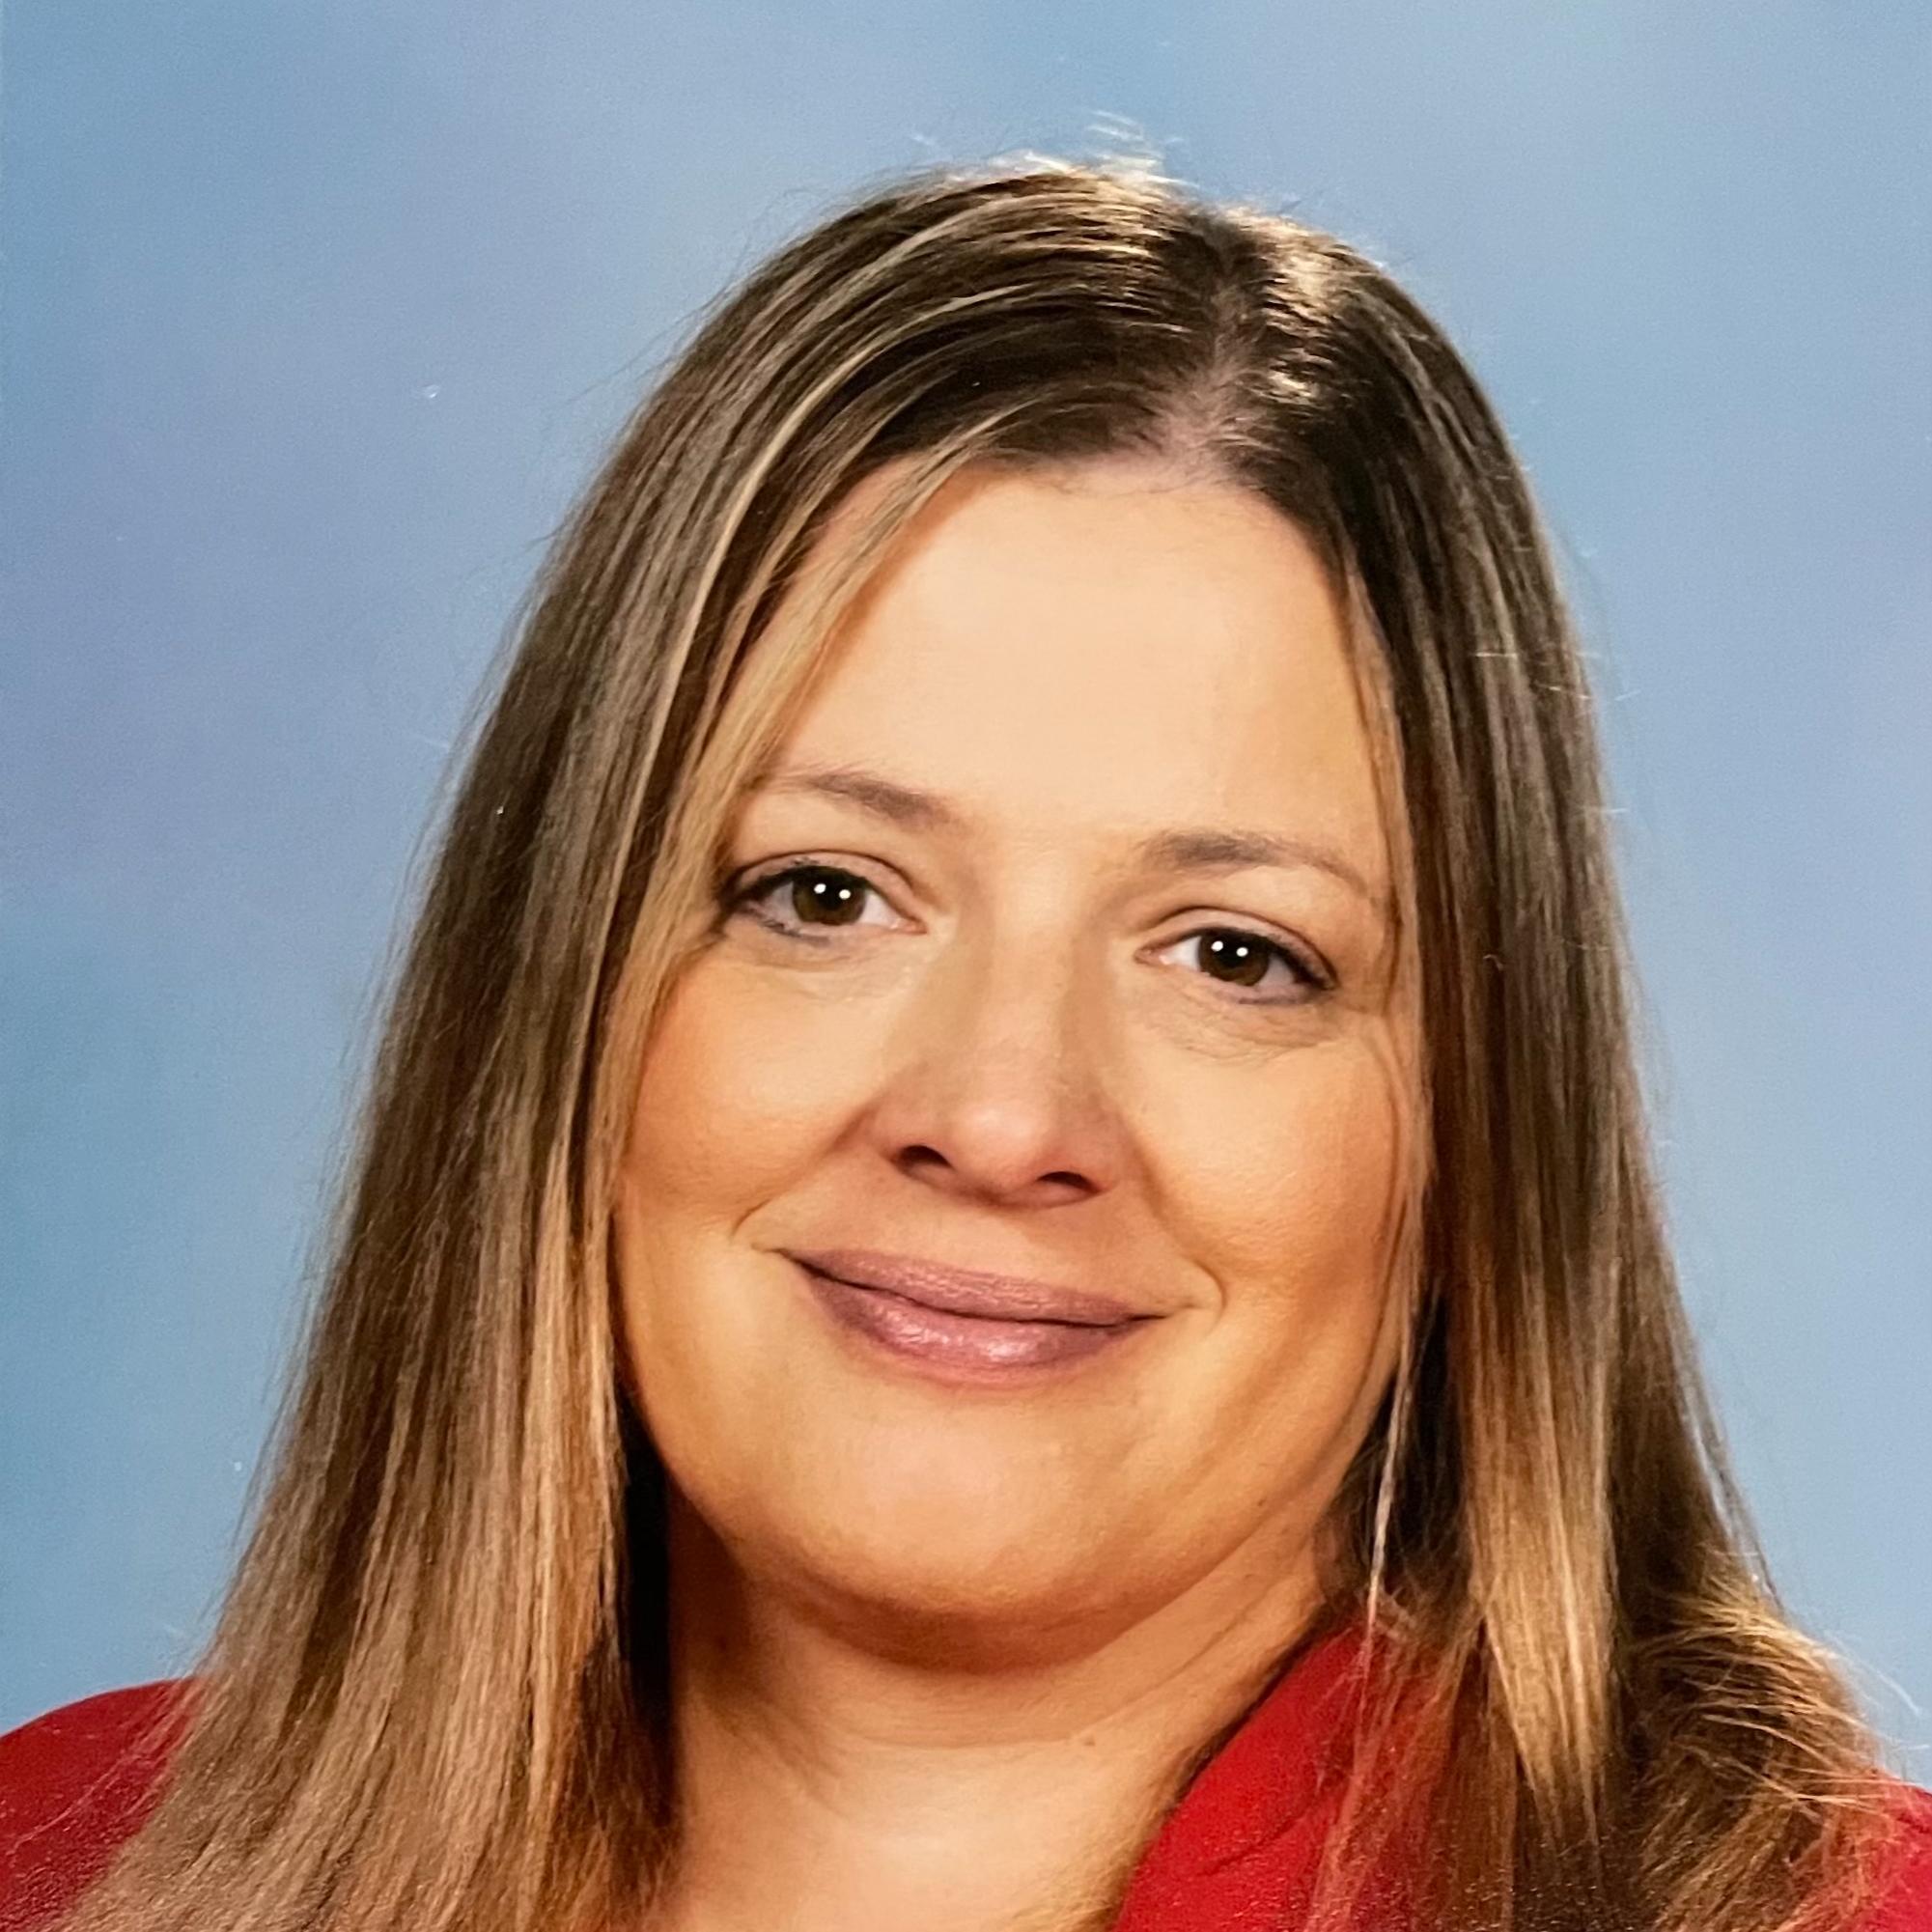 Raquel Jurjens